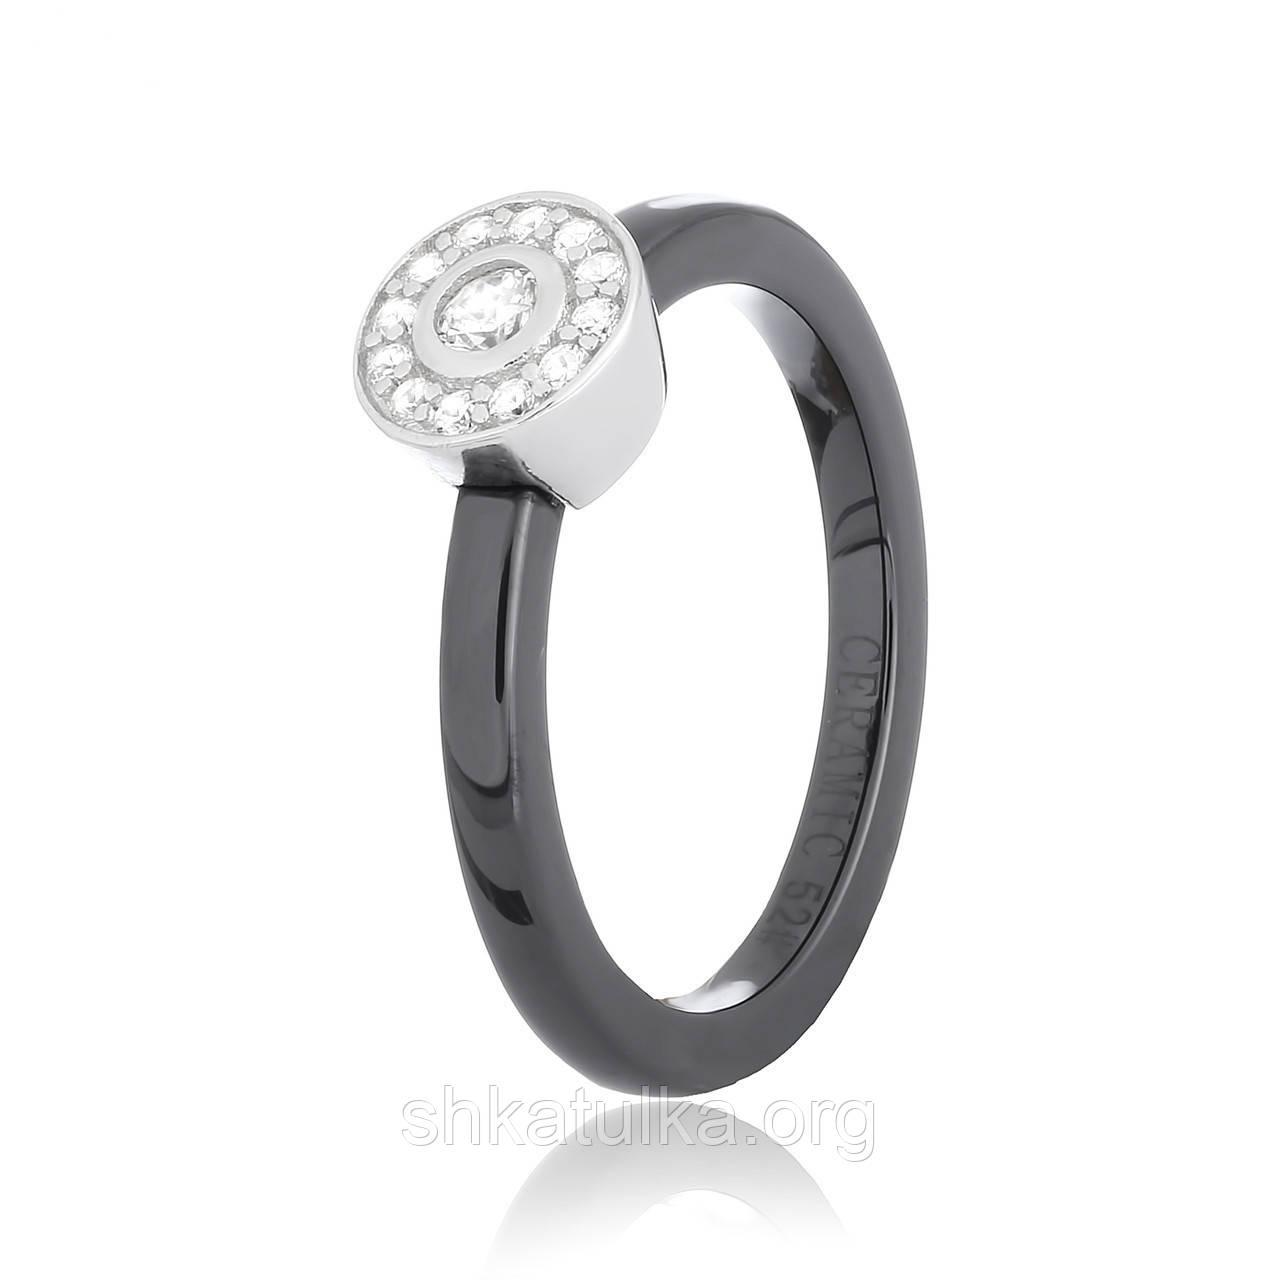 Серебряное кольцо керамическое К2ФК/1011 - 16,5